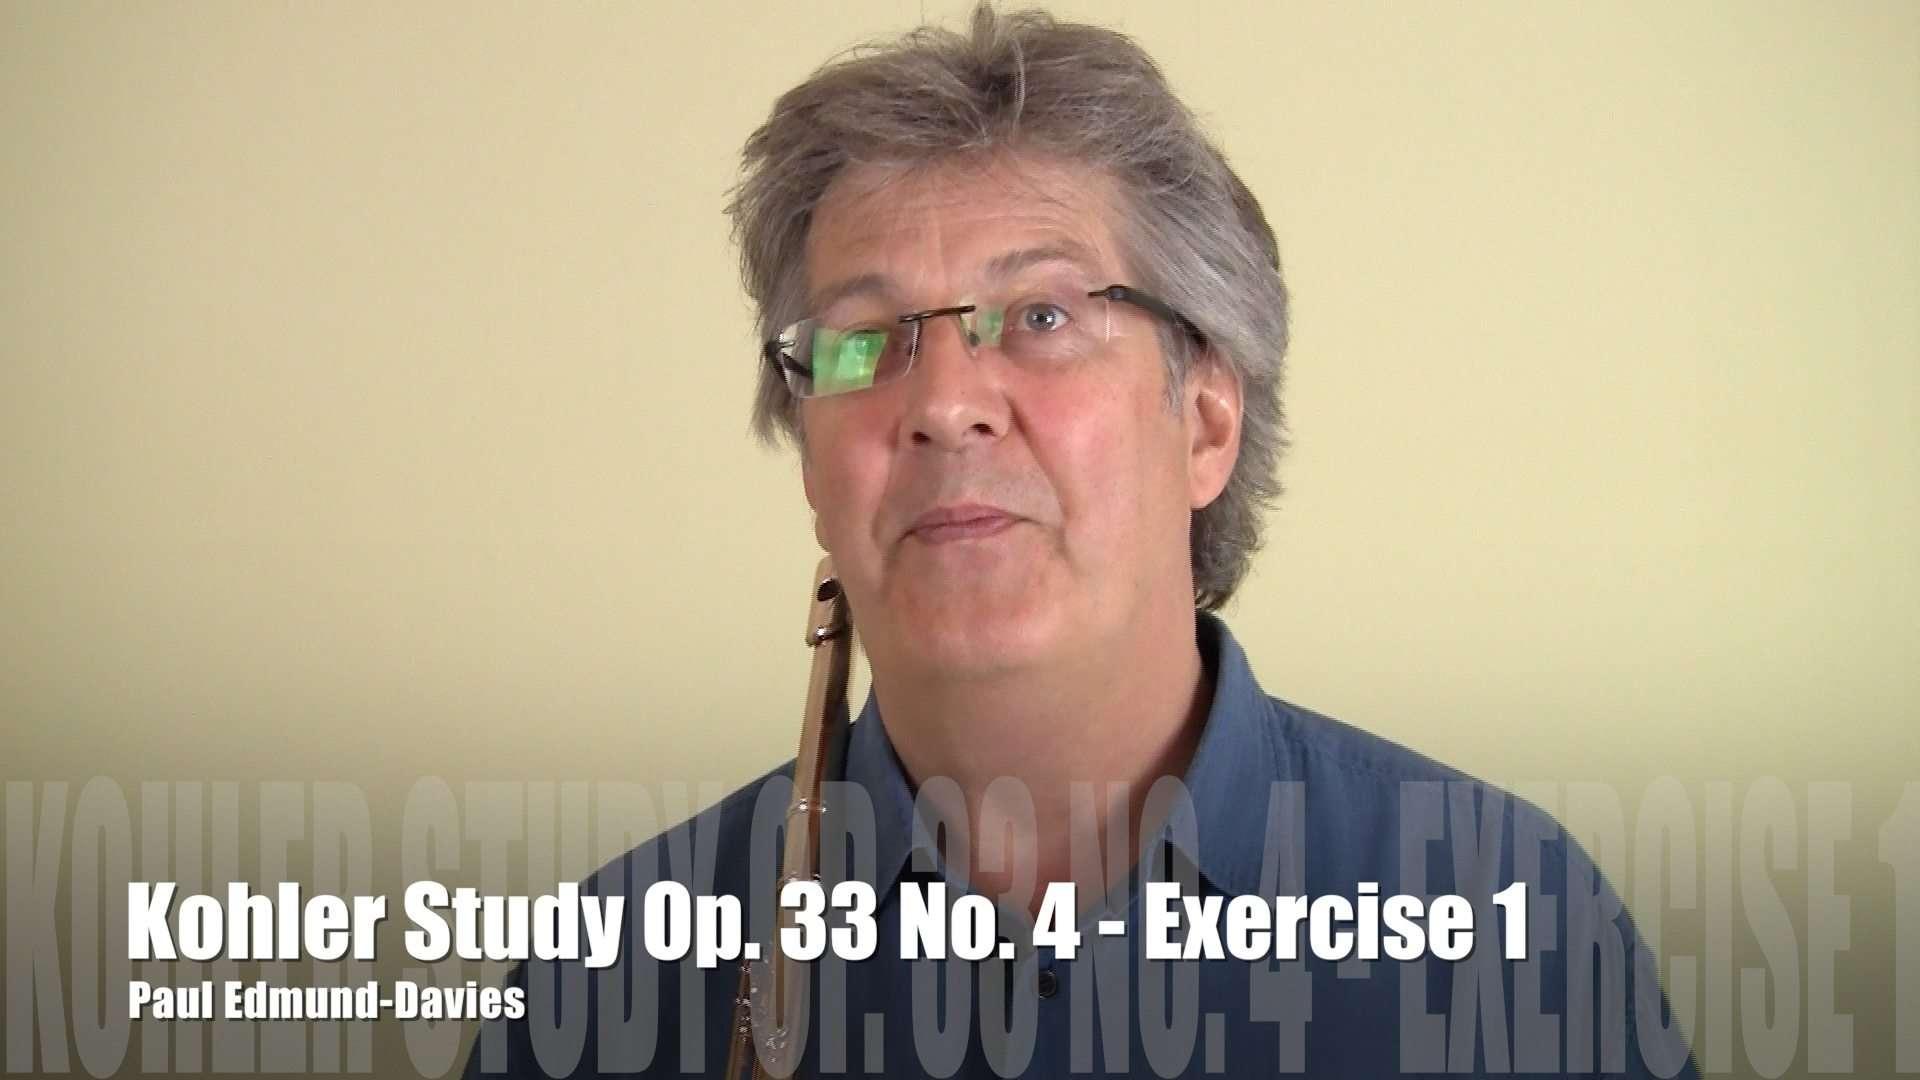 Köhler Study No 4 - Exercise 1